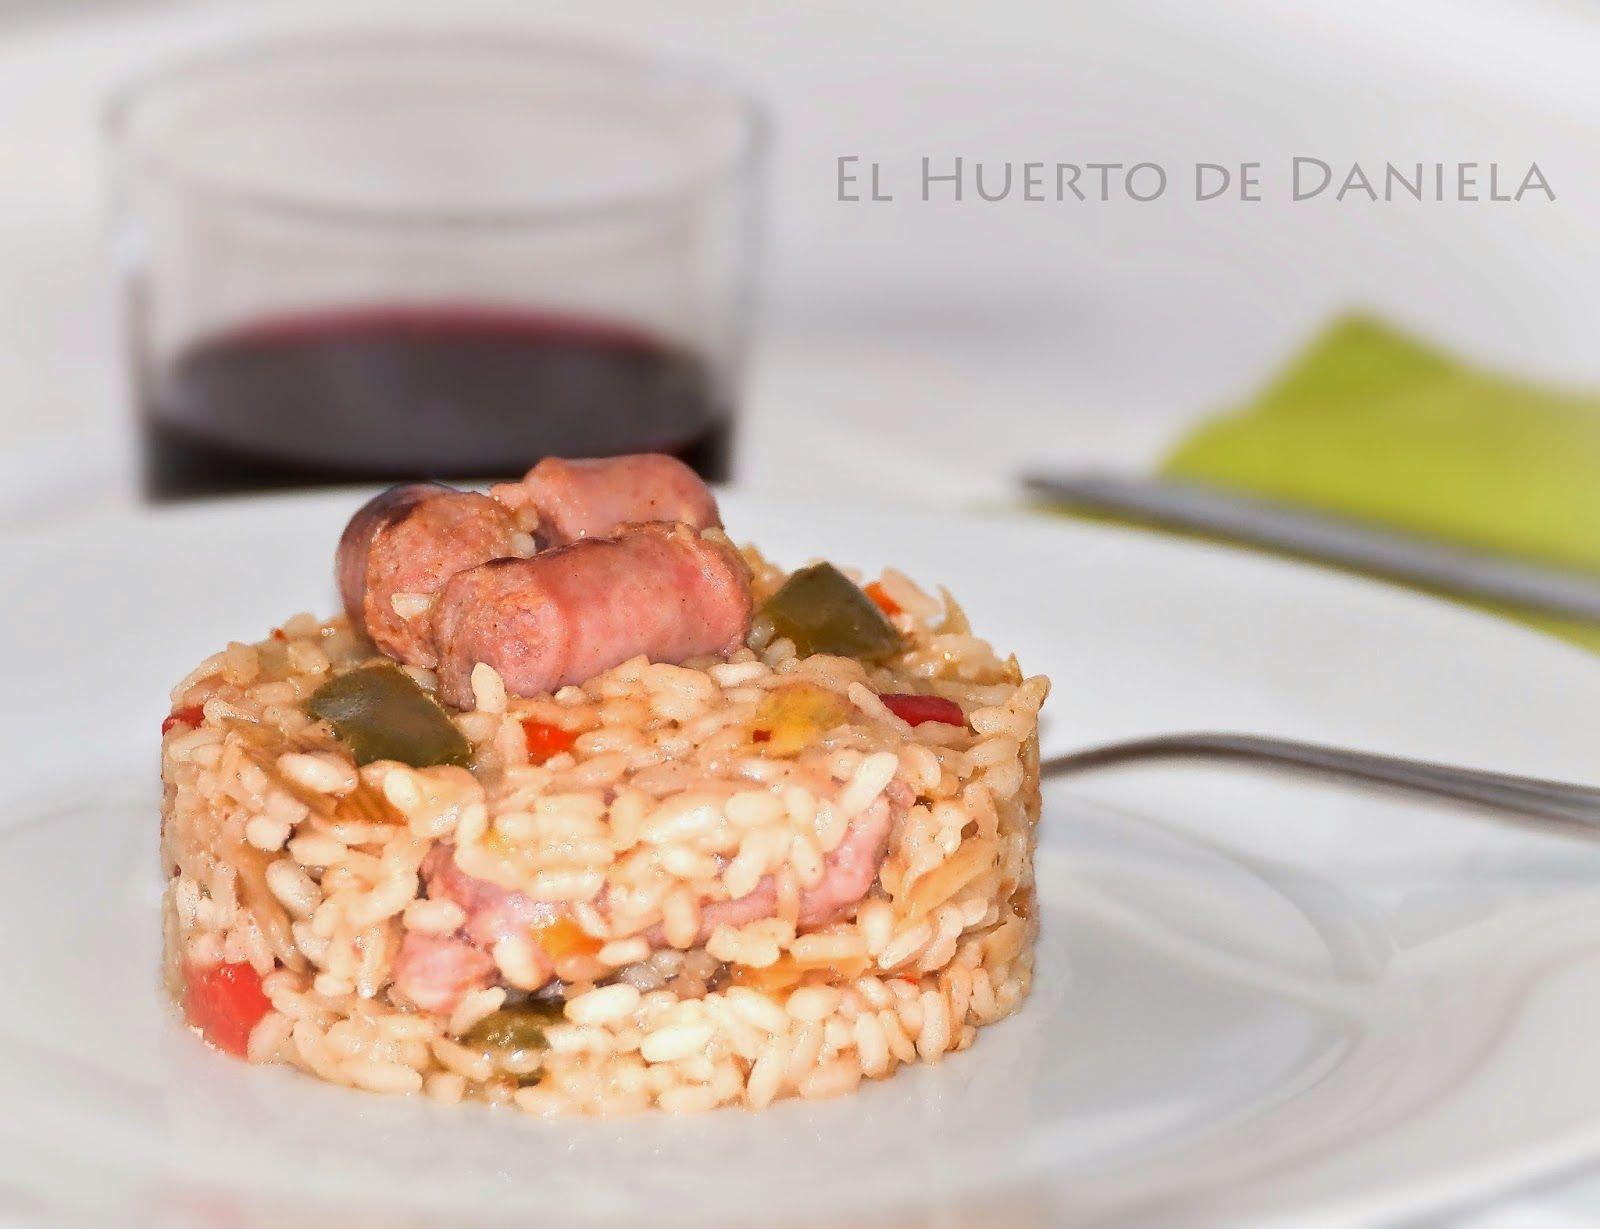 El Huerto de Daniela: Arroz con salchichas frescas